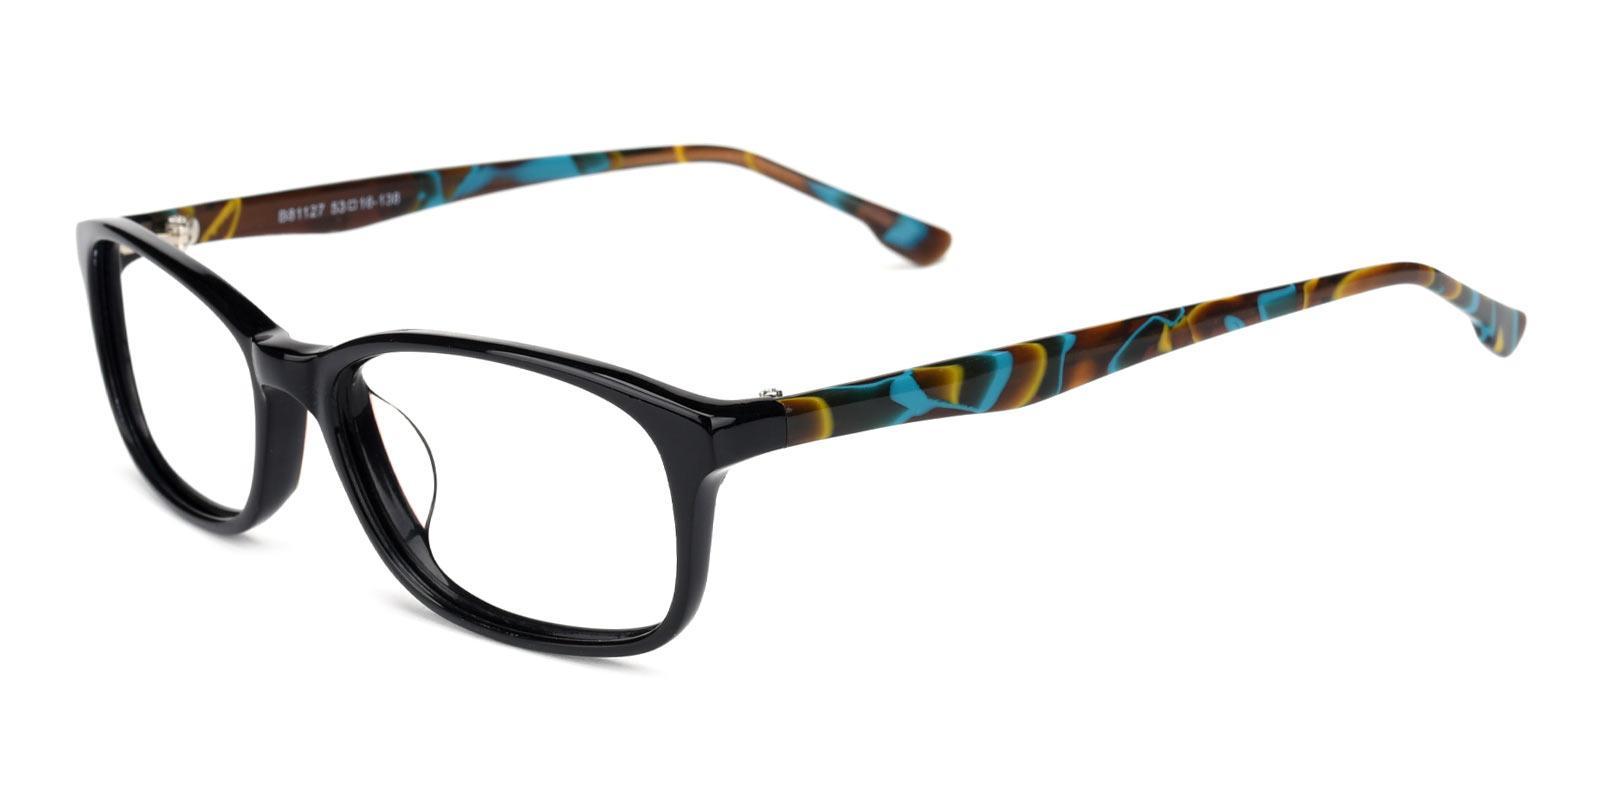 Oil-Black-Rectangle-Acetate-Eyeglasses-detail